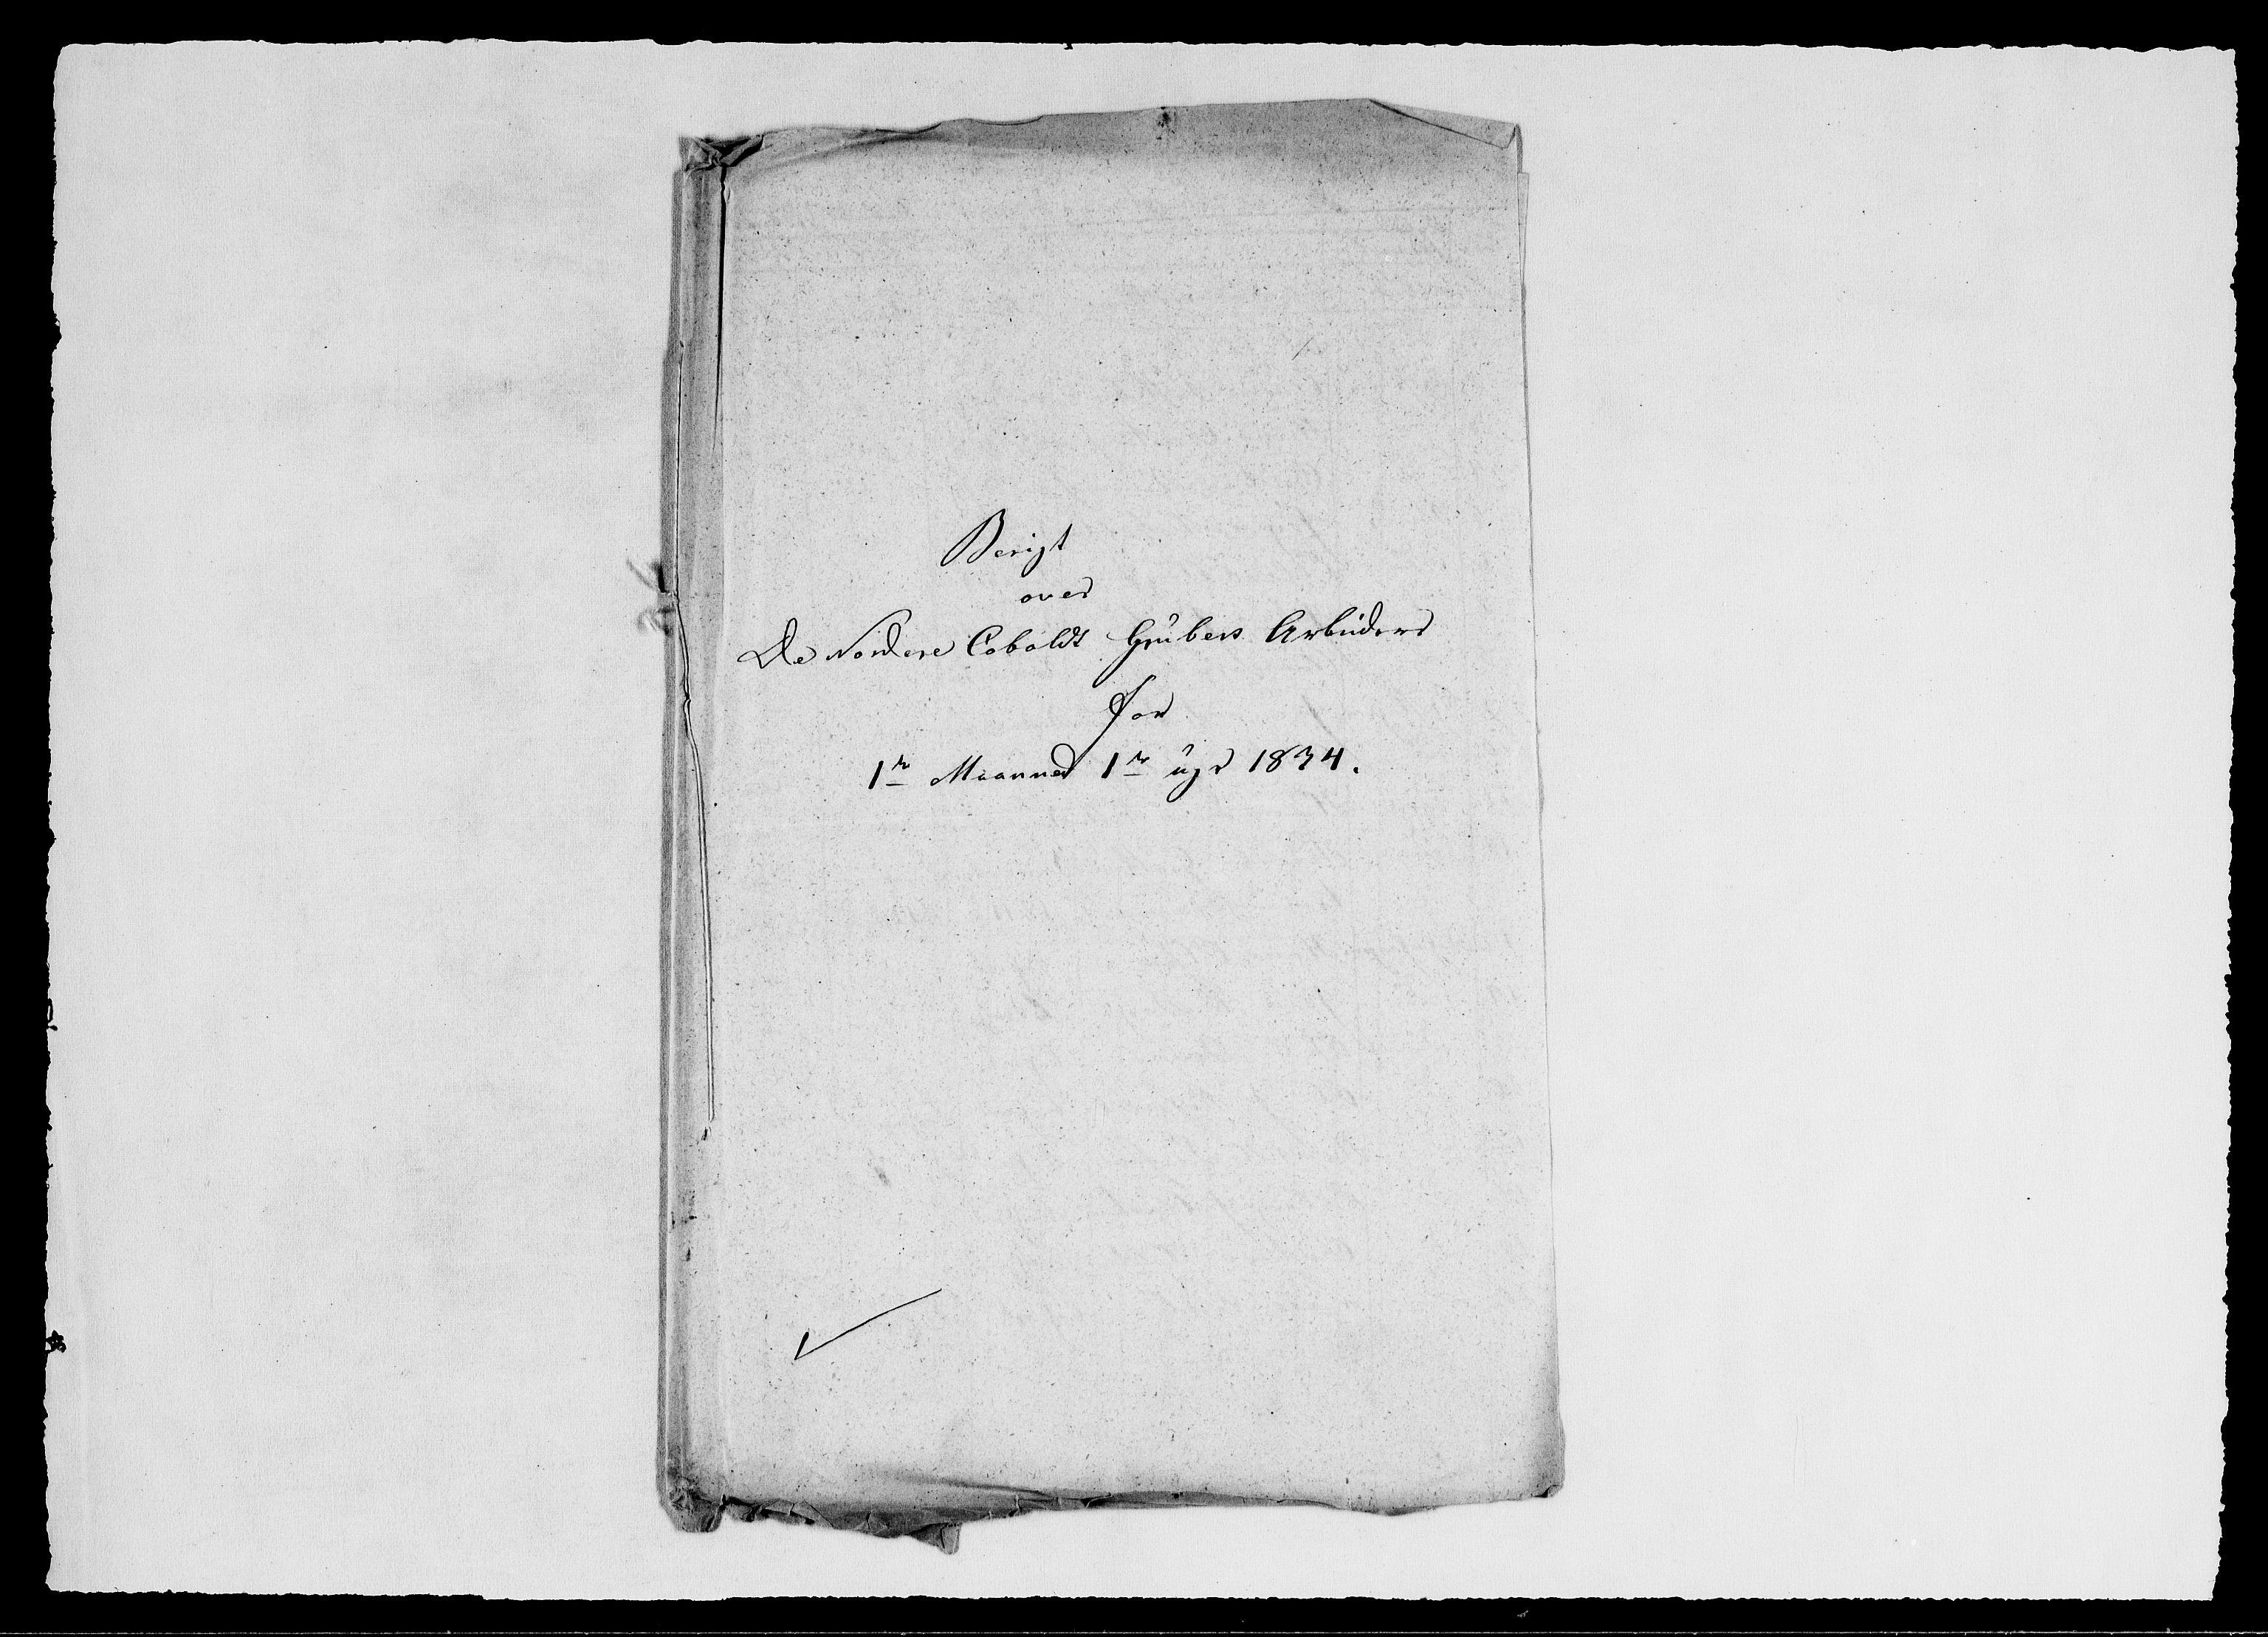 RA, Modums Blaafarveværk, G/Ge/L0344, 1834, s. 2